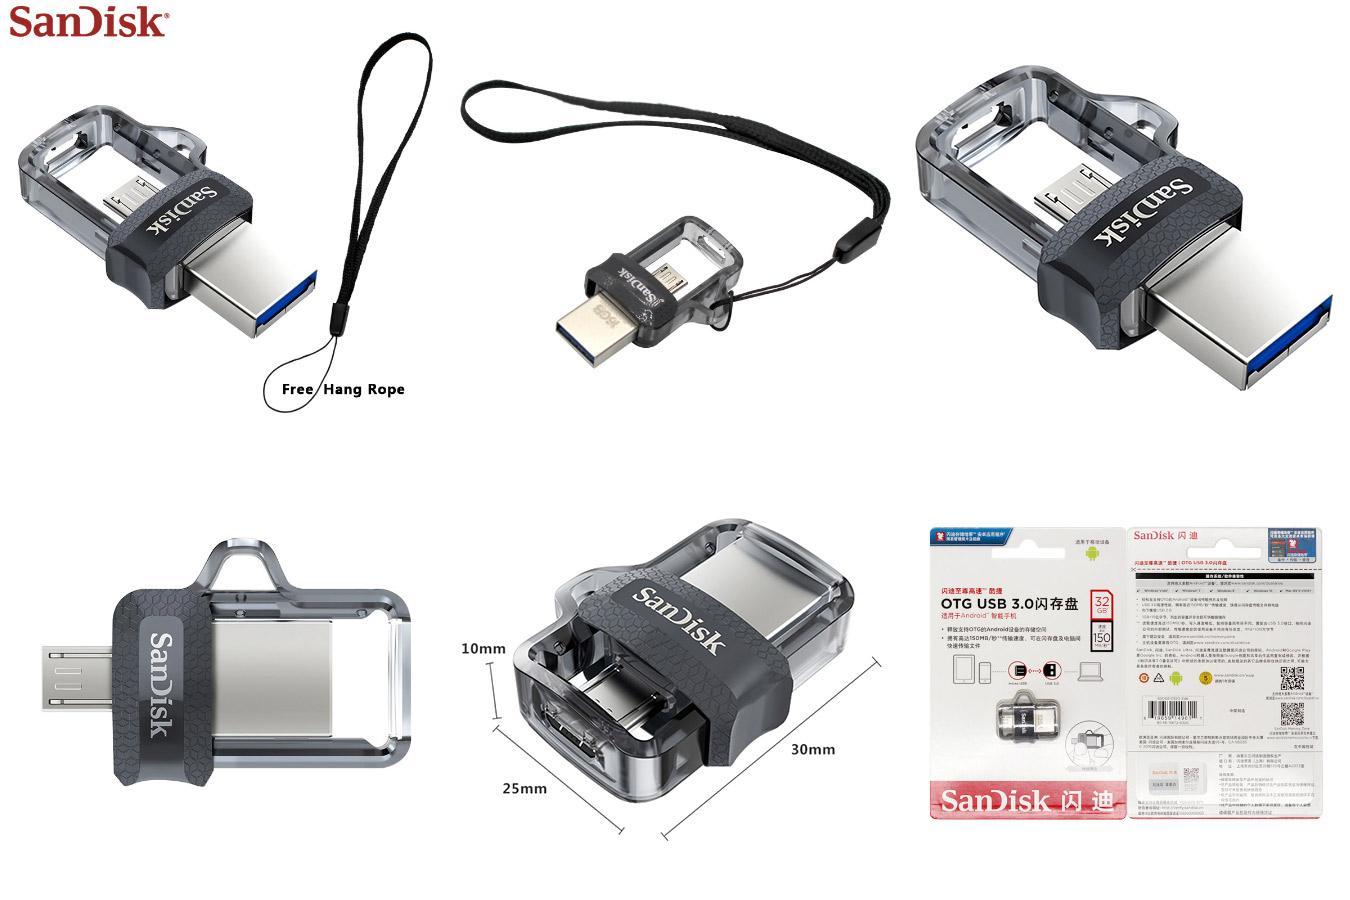 Оригинальный накопитель для хранения данных Original SanDisk Dual OTG USB Flash drive